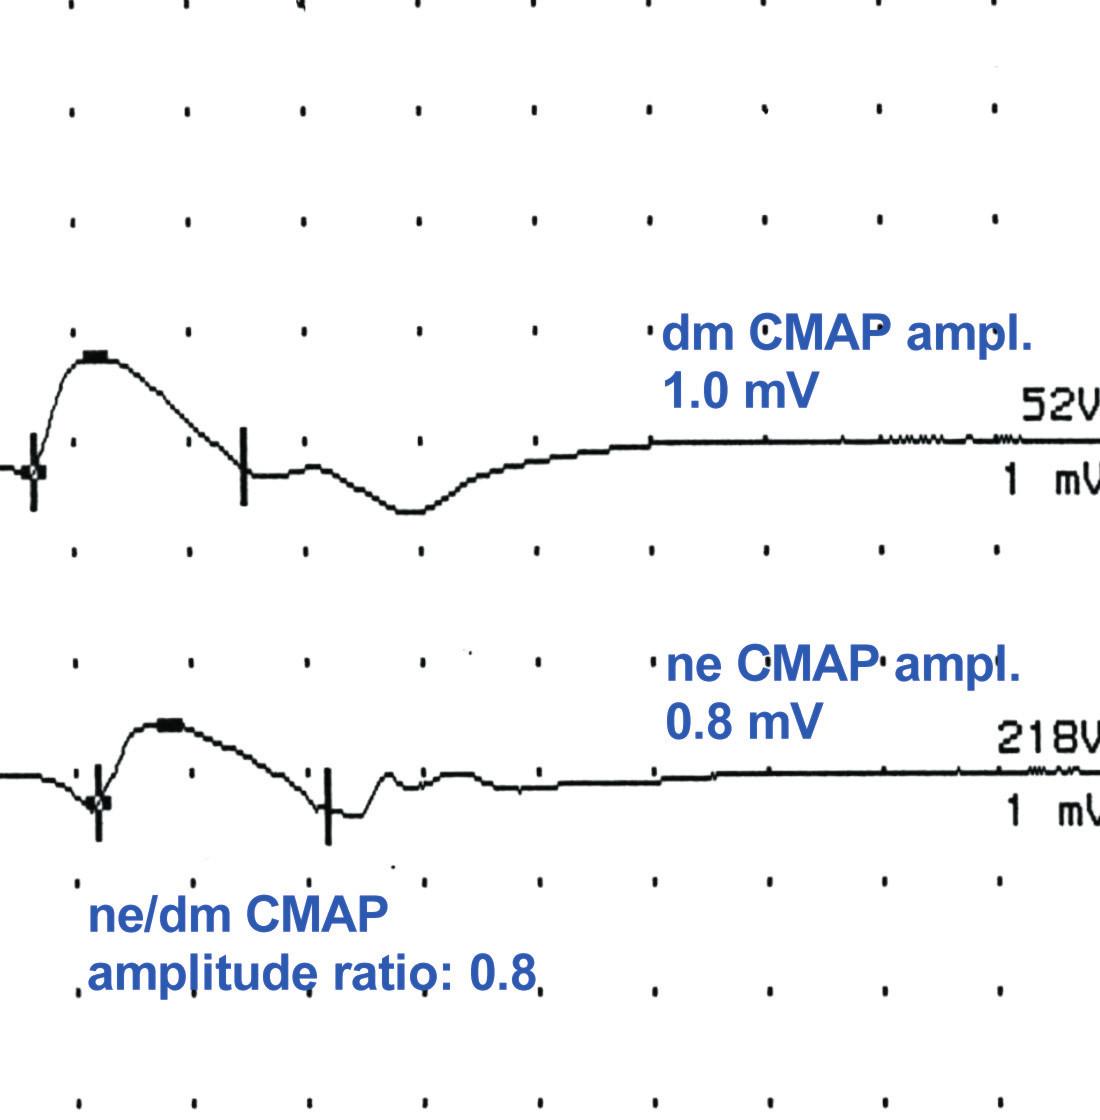 Obr. 2b ukazuje nízké amplitudy dmCMAP i dmCMAP a poměr ne/dmCMAP kolem 1,0 (0,8) svědčící pro sníženou svalovou excitabilitu.